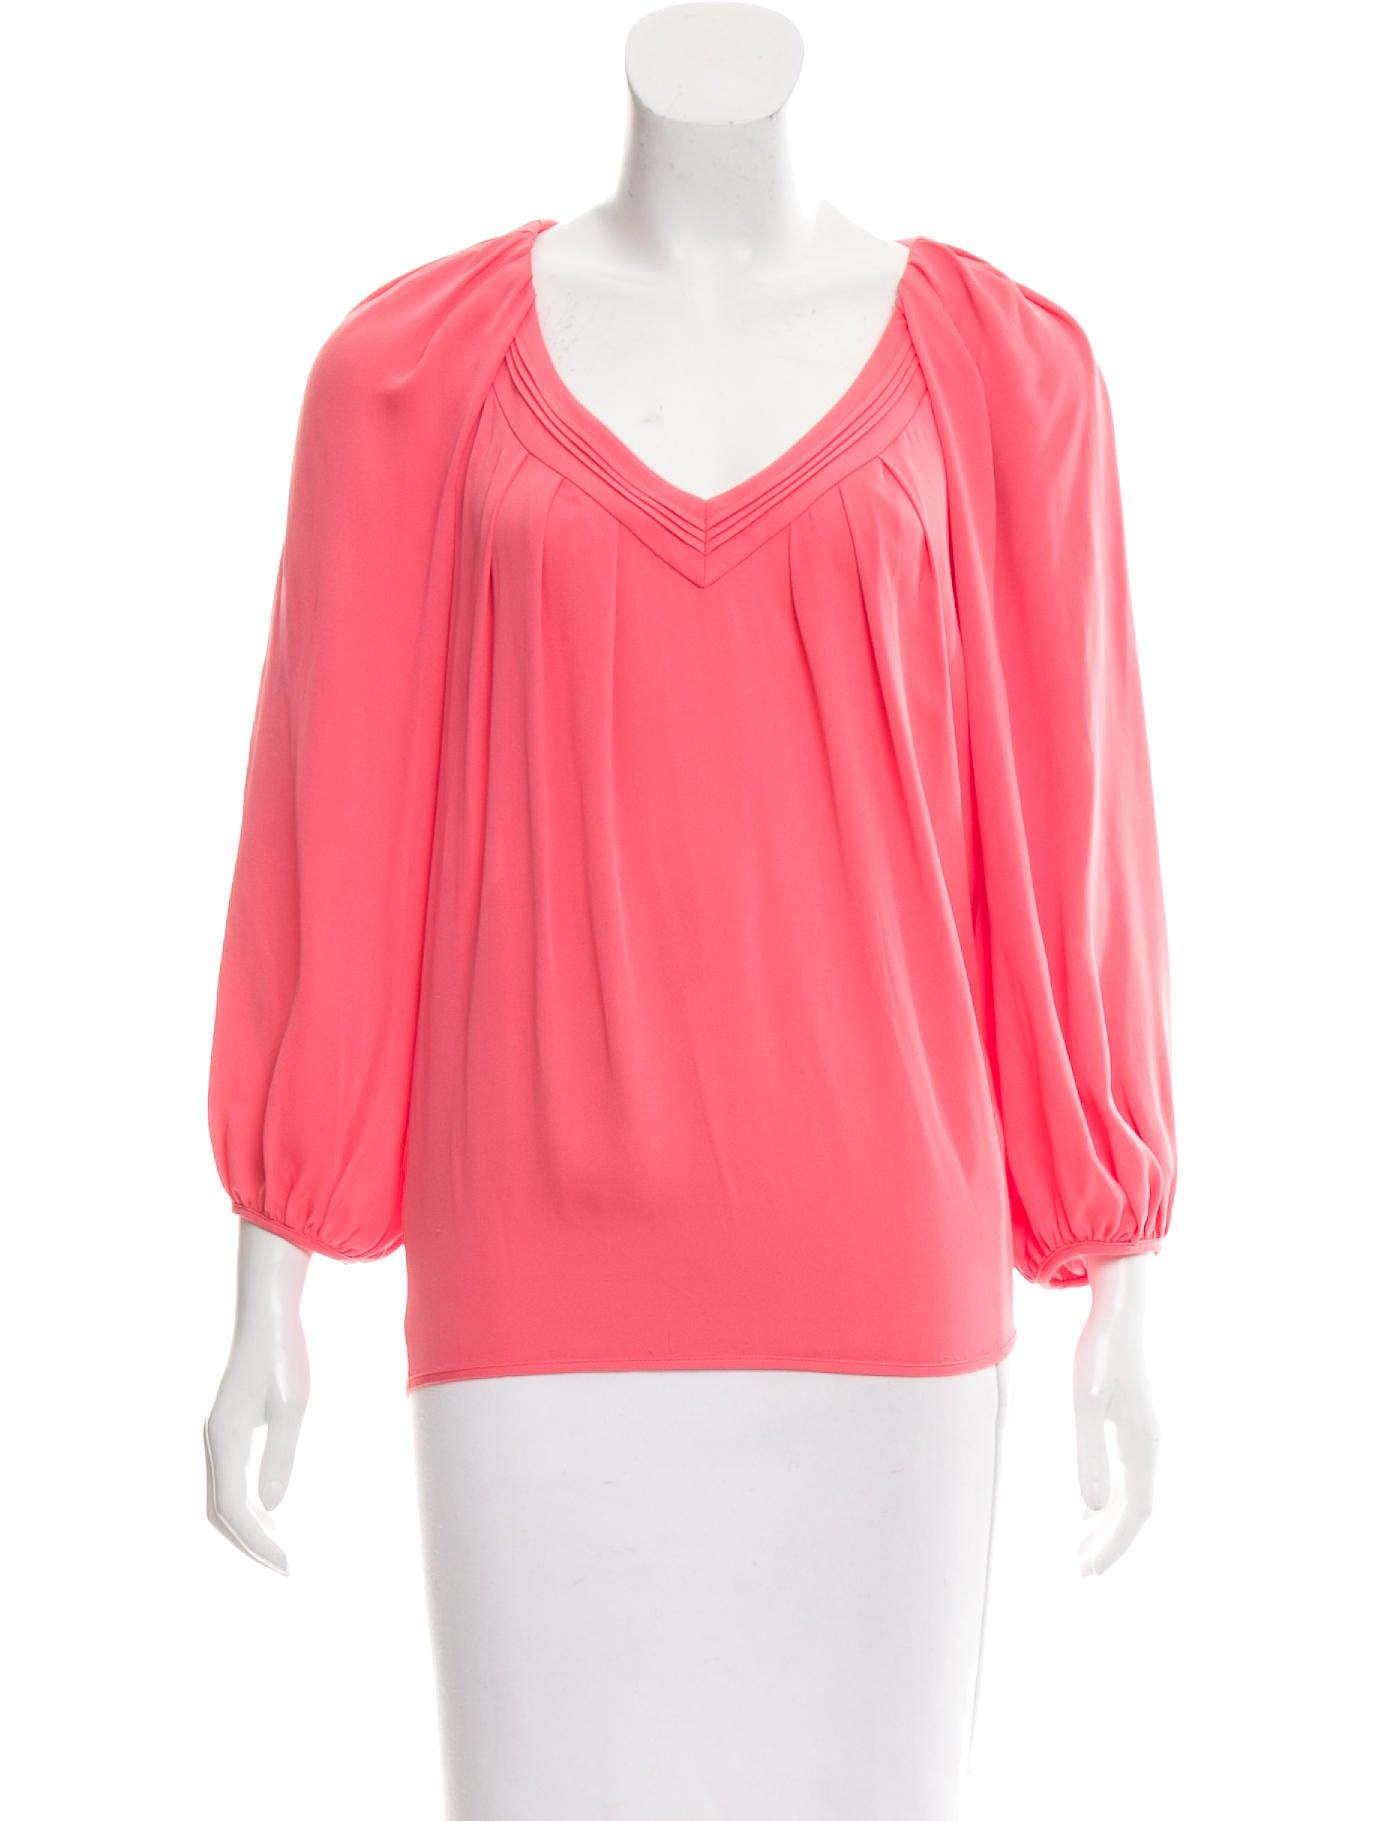 Diane von furstenberg cahil silk top clothing for Diane von furstenberg shirt